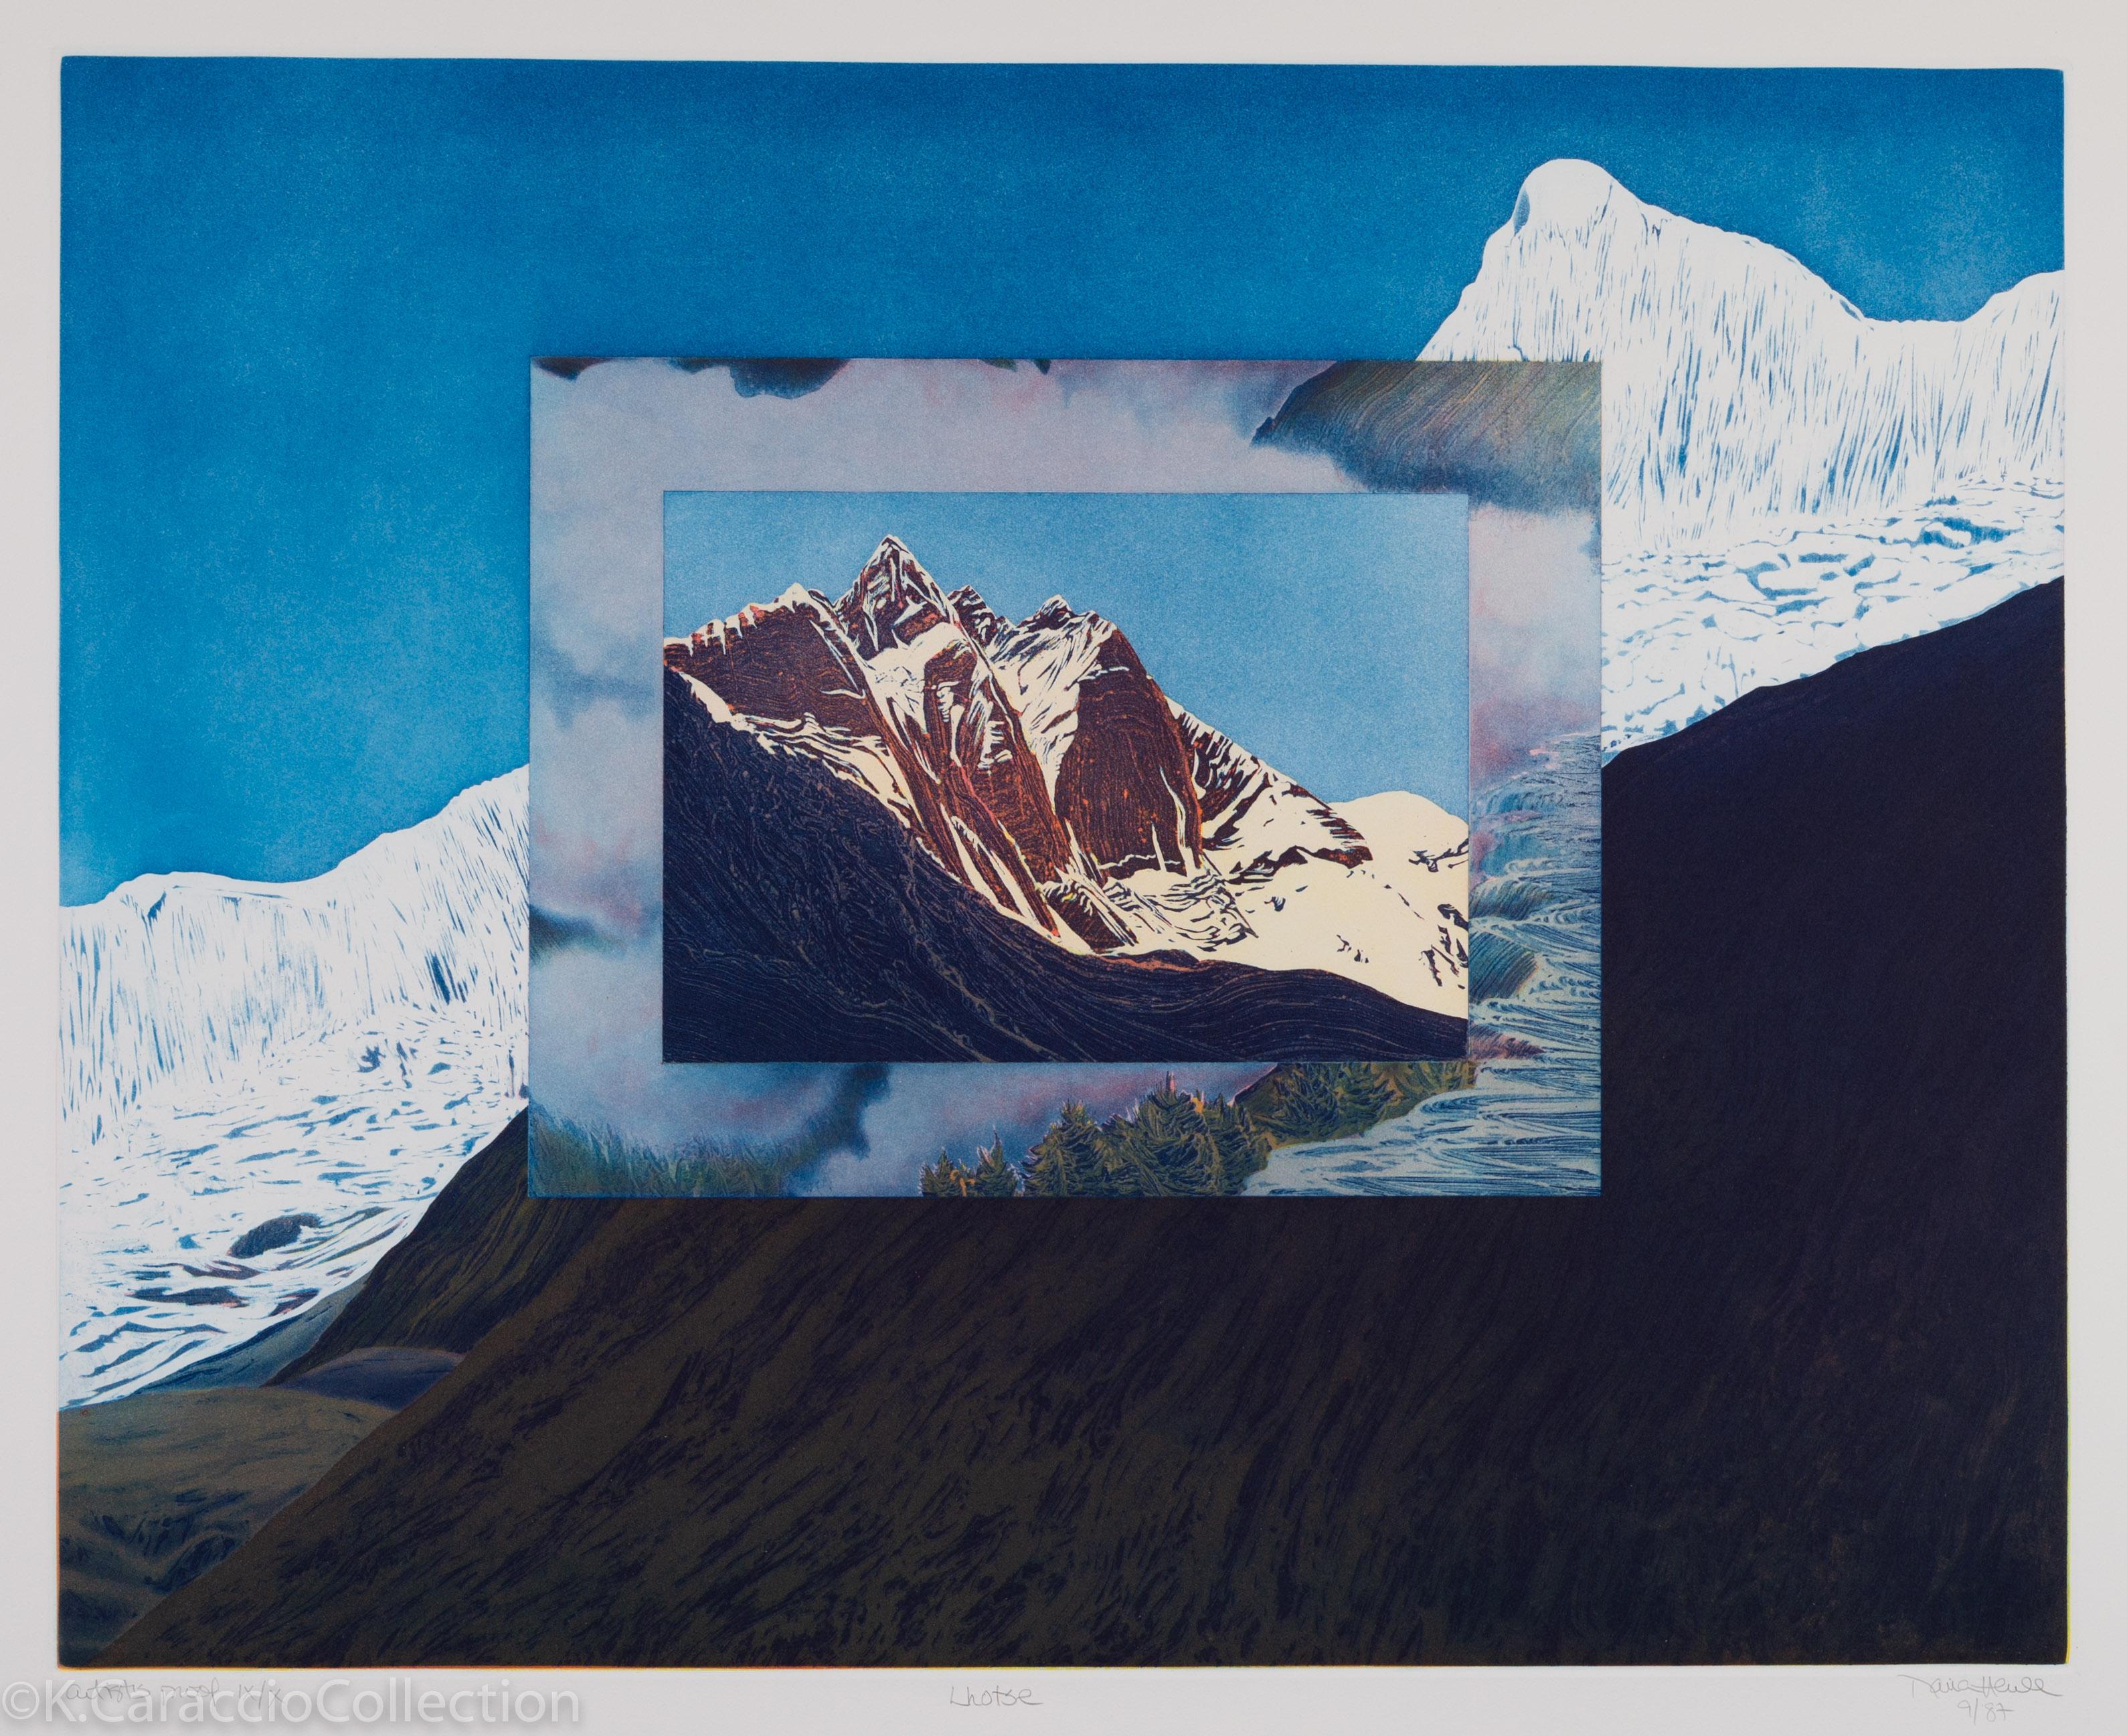 Lhotse, 1987